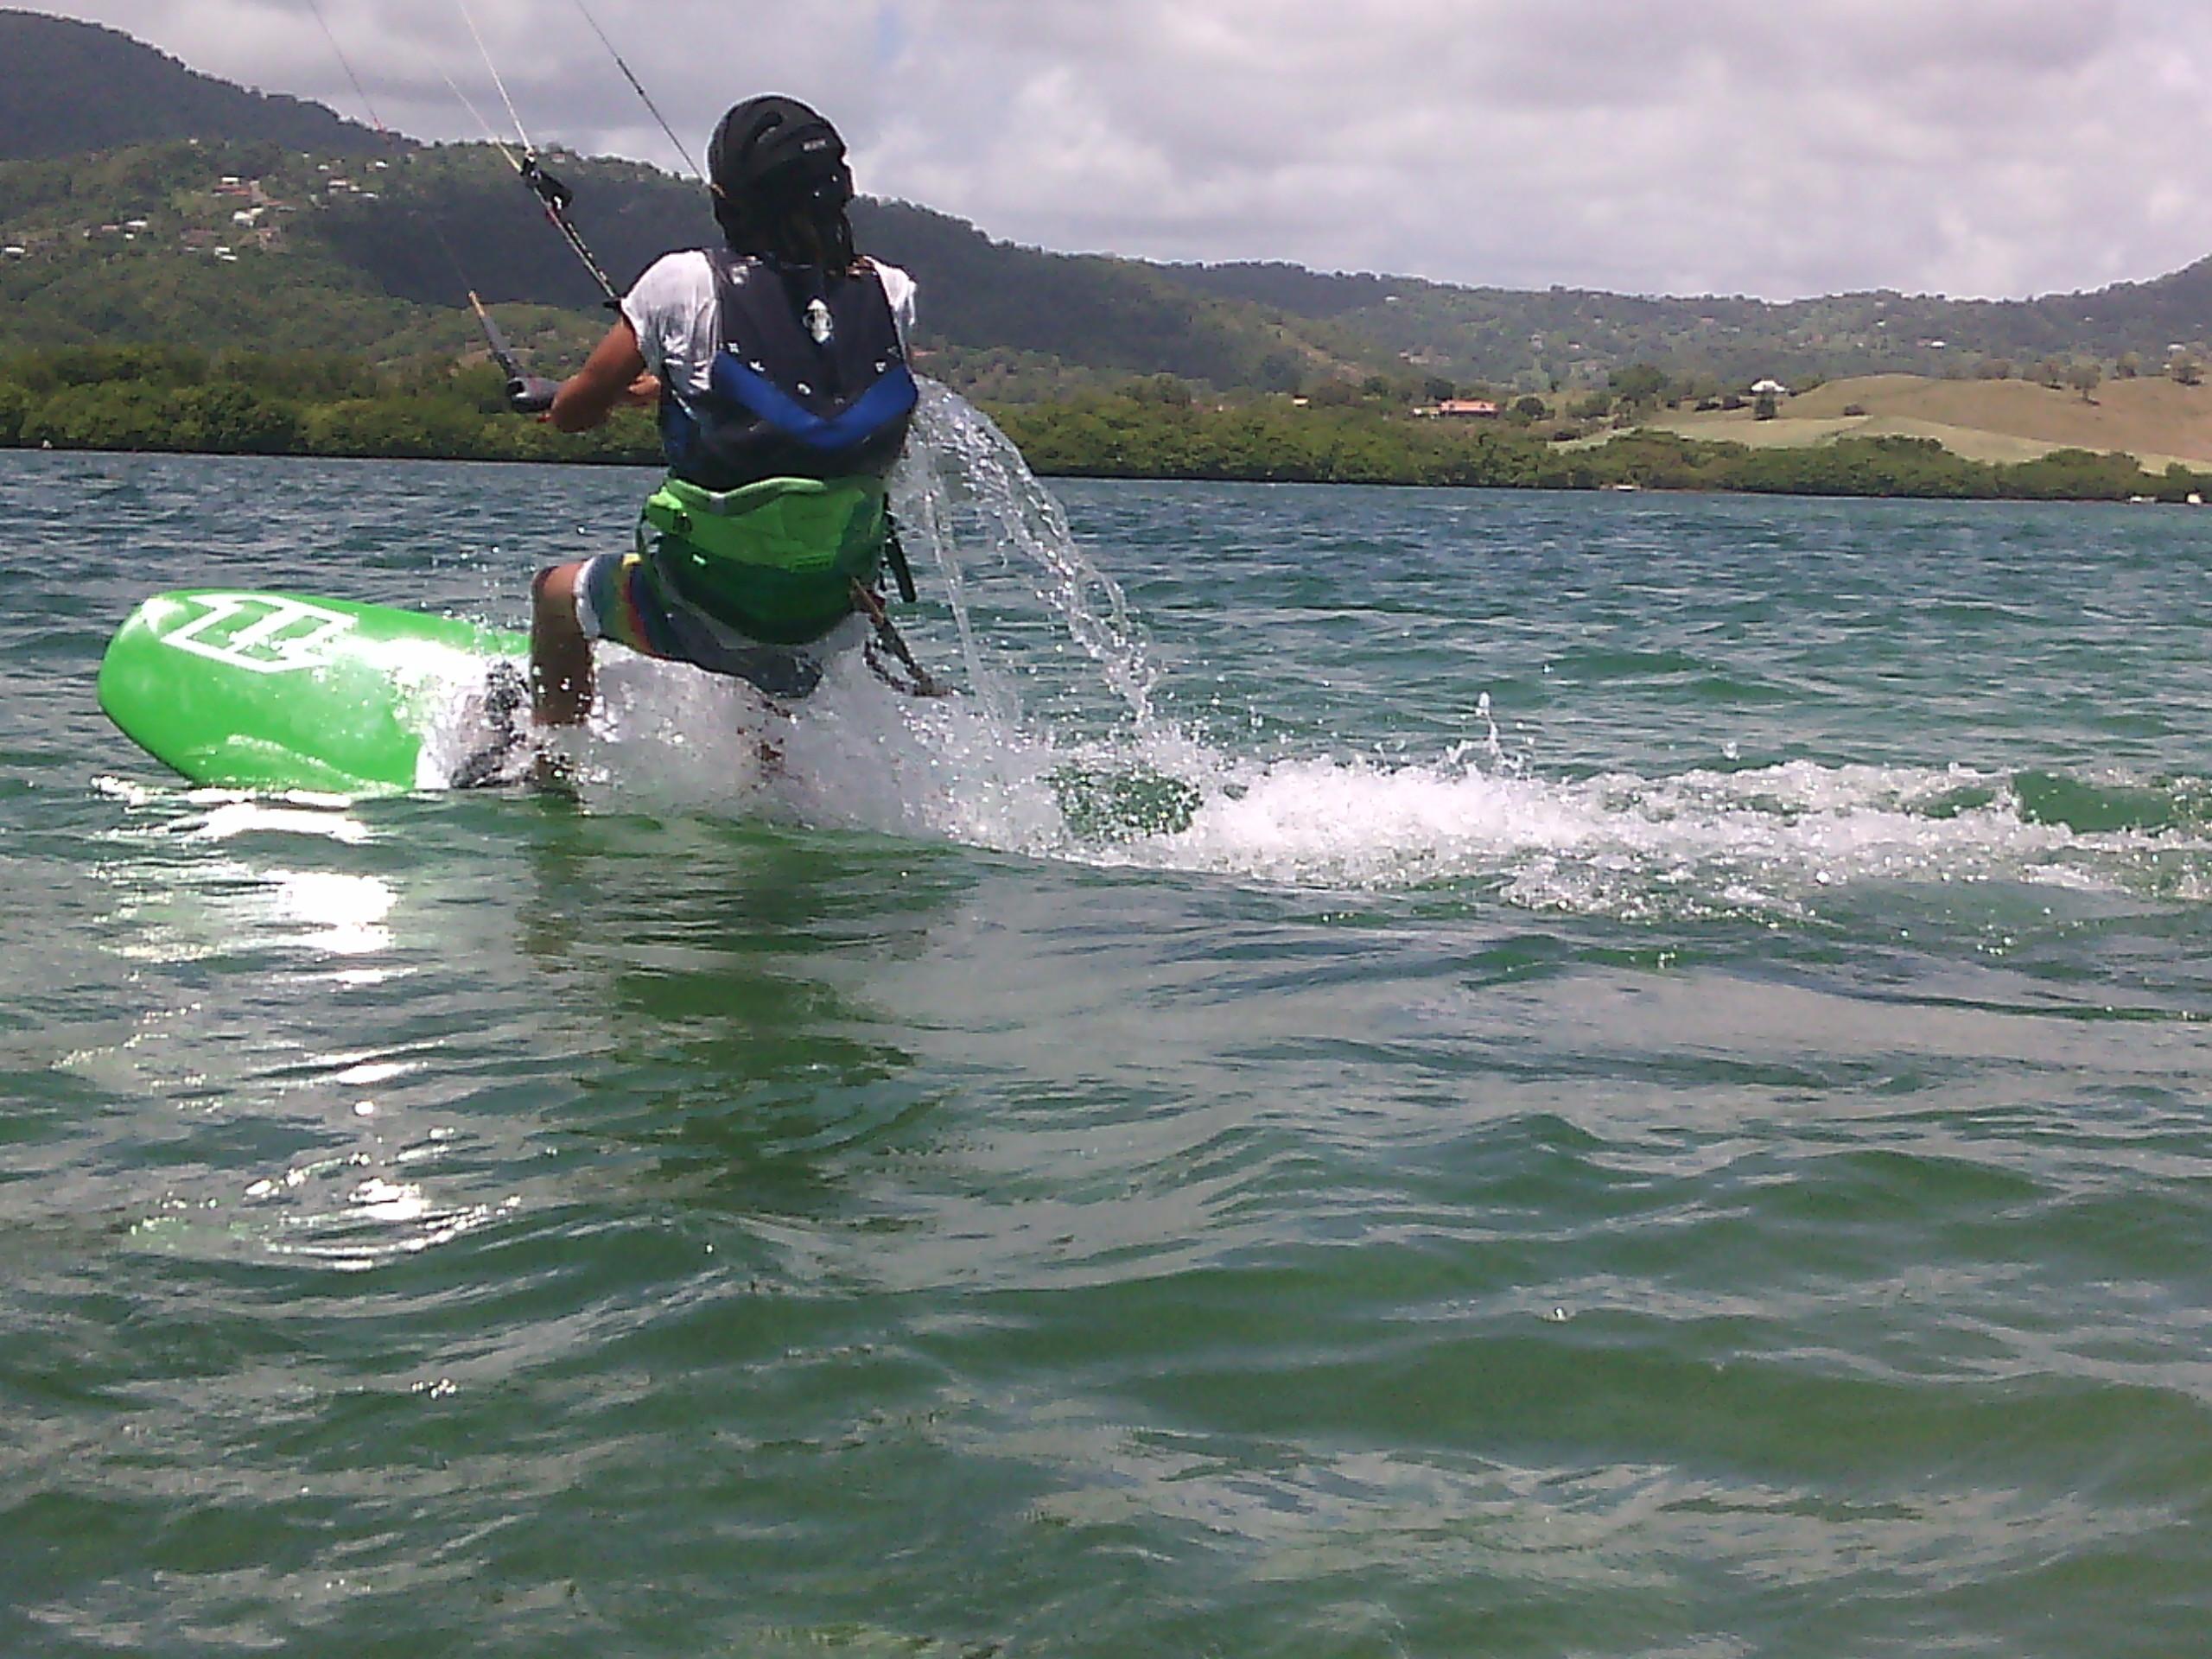 cours de kitesurf martinique